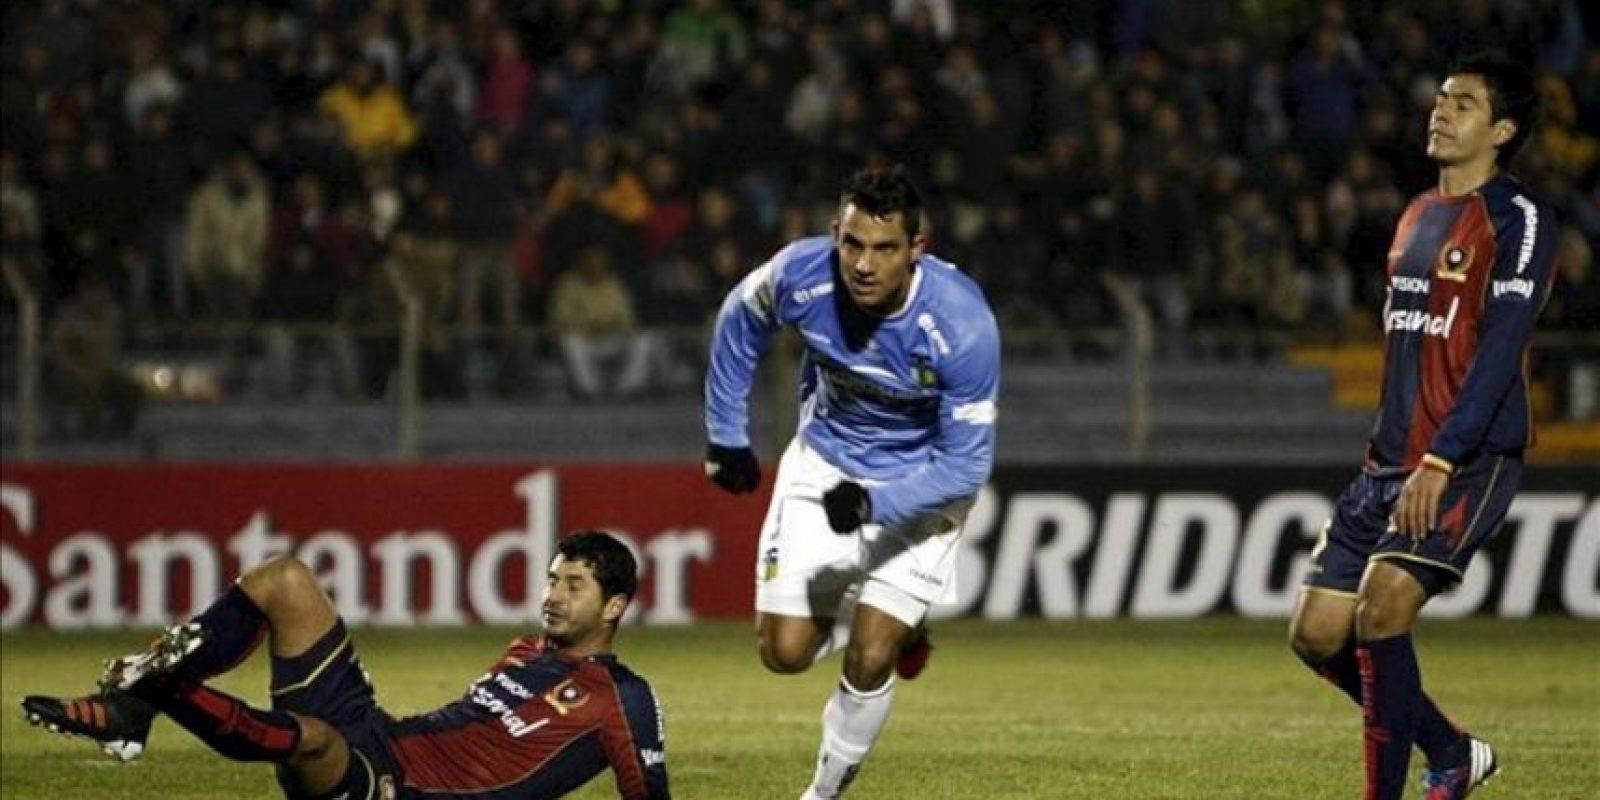 El jugador de O´Higgins de Chile Richard Blanco (c) celebra su gol frente a Cerro Porteño de Paraguay, durante el partido por la primera fecha de la Copa Sudamericana, en Rancagua (Chile). EFE